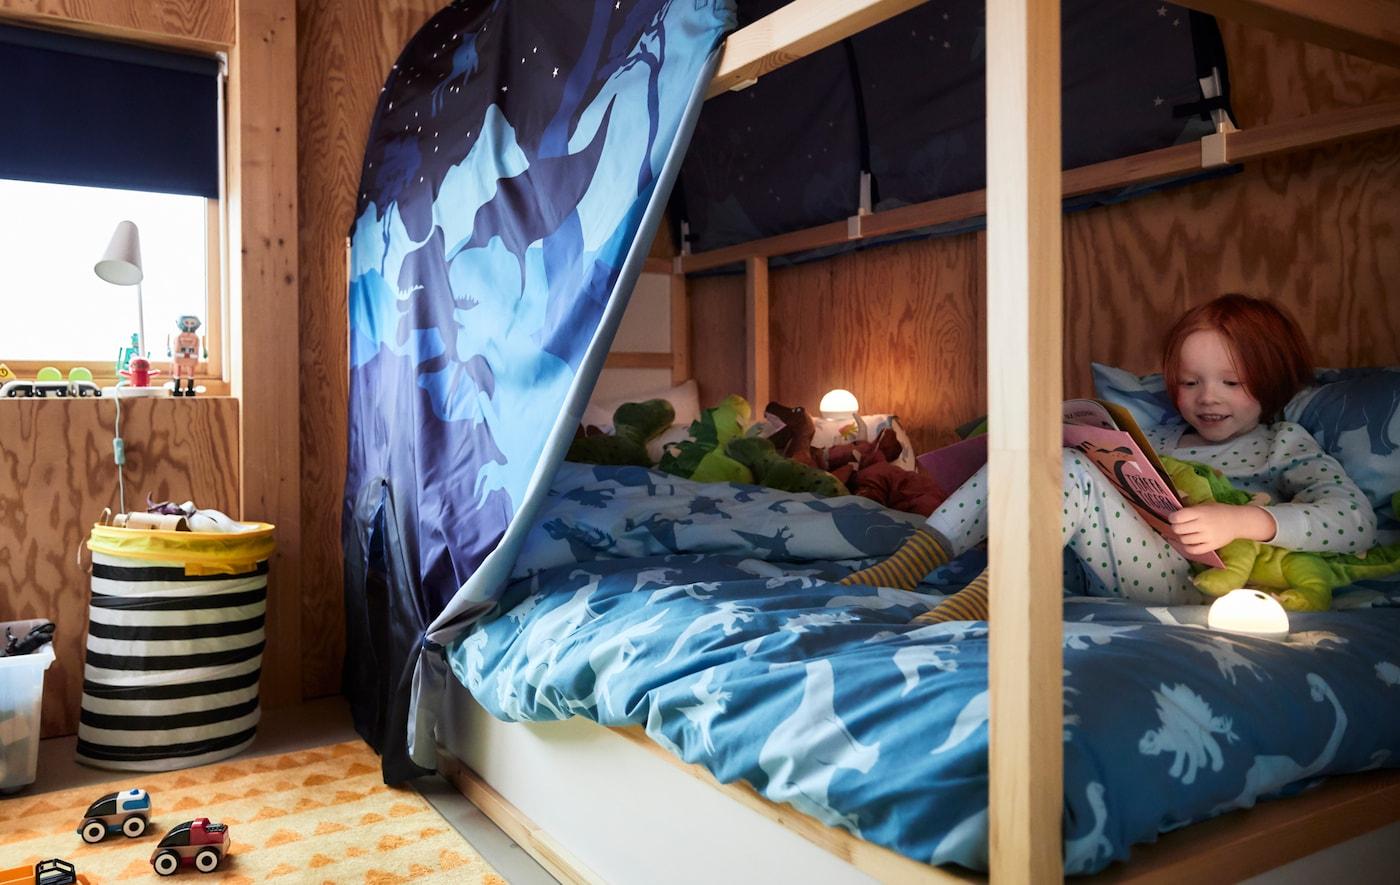 Una nena està recolzada còmodament amb el seu dinosaure de joguina al seu llit KURA, mentre llegeix un conte a sota d'un dosser també ple de dinosaures.